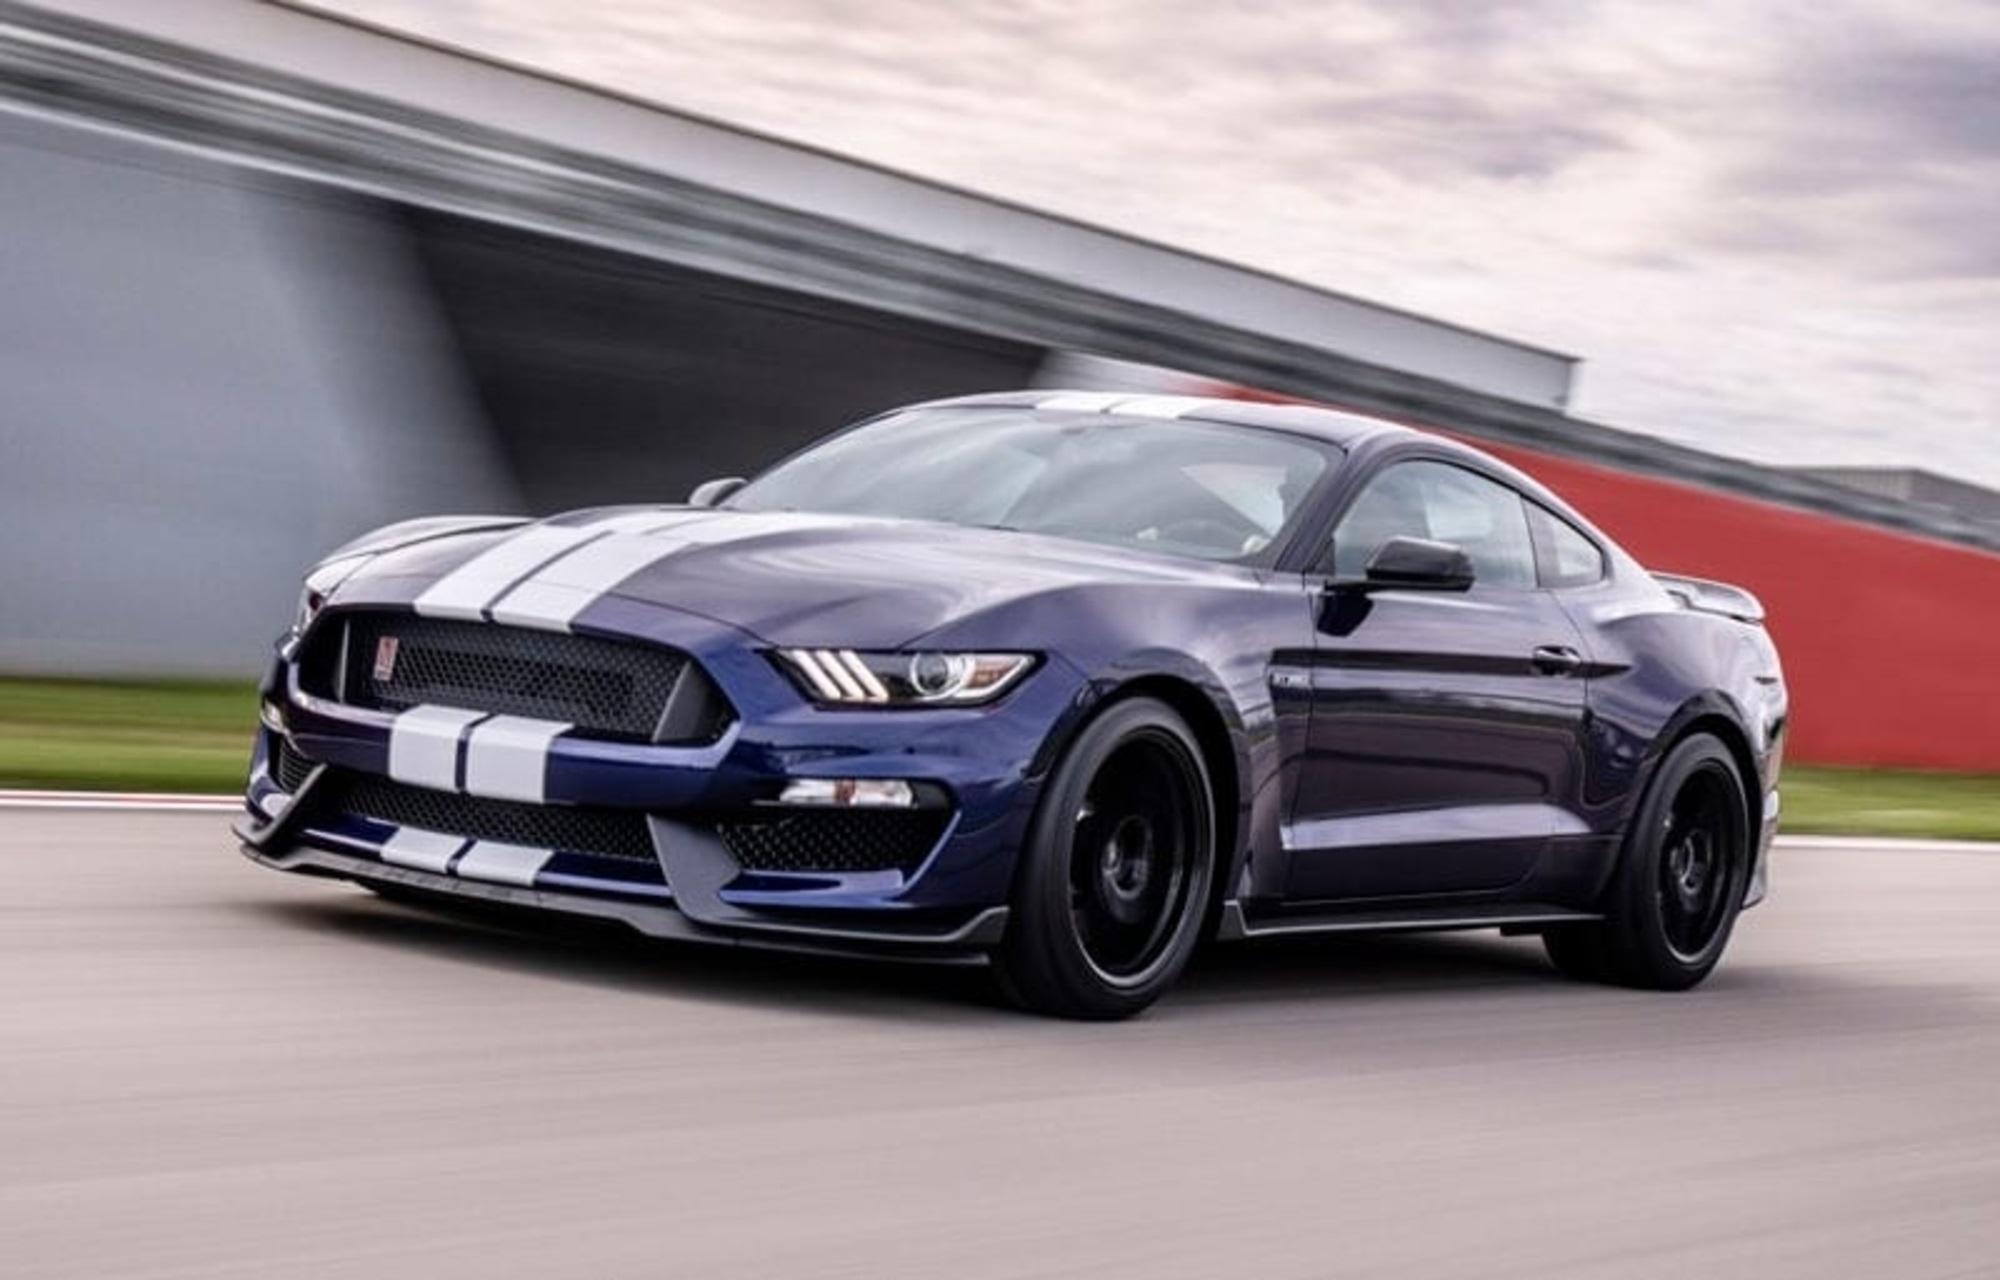 Ford Mustang Shelby GT350 pro rok 2019 nabízí upgradovaný podvozek a ještě  lepší aerodynamiku 868bc8f8bb